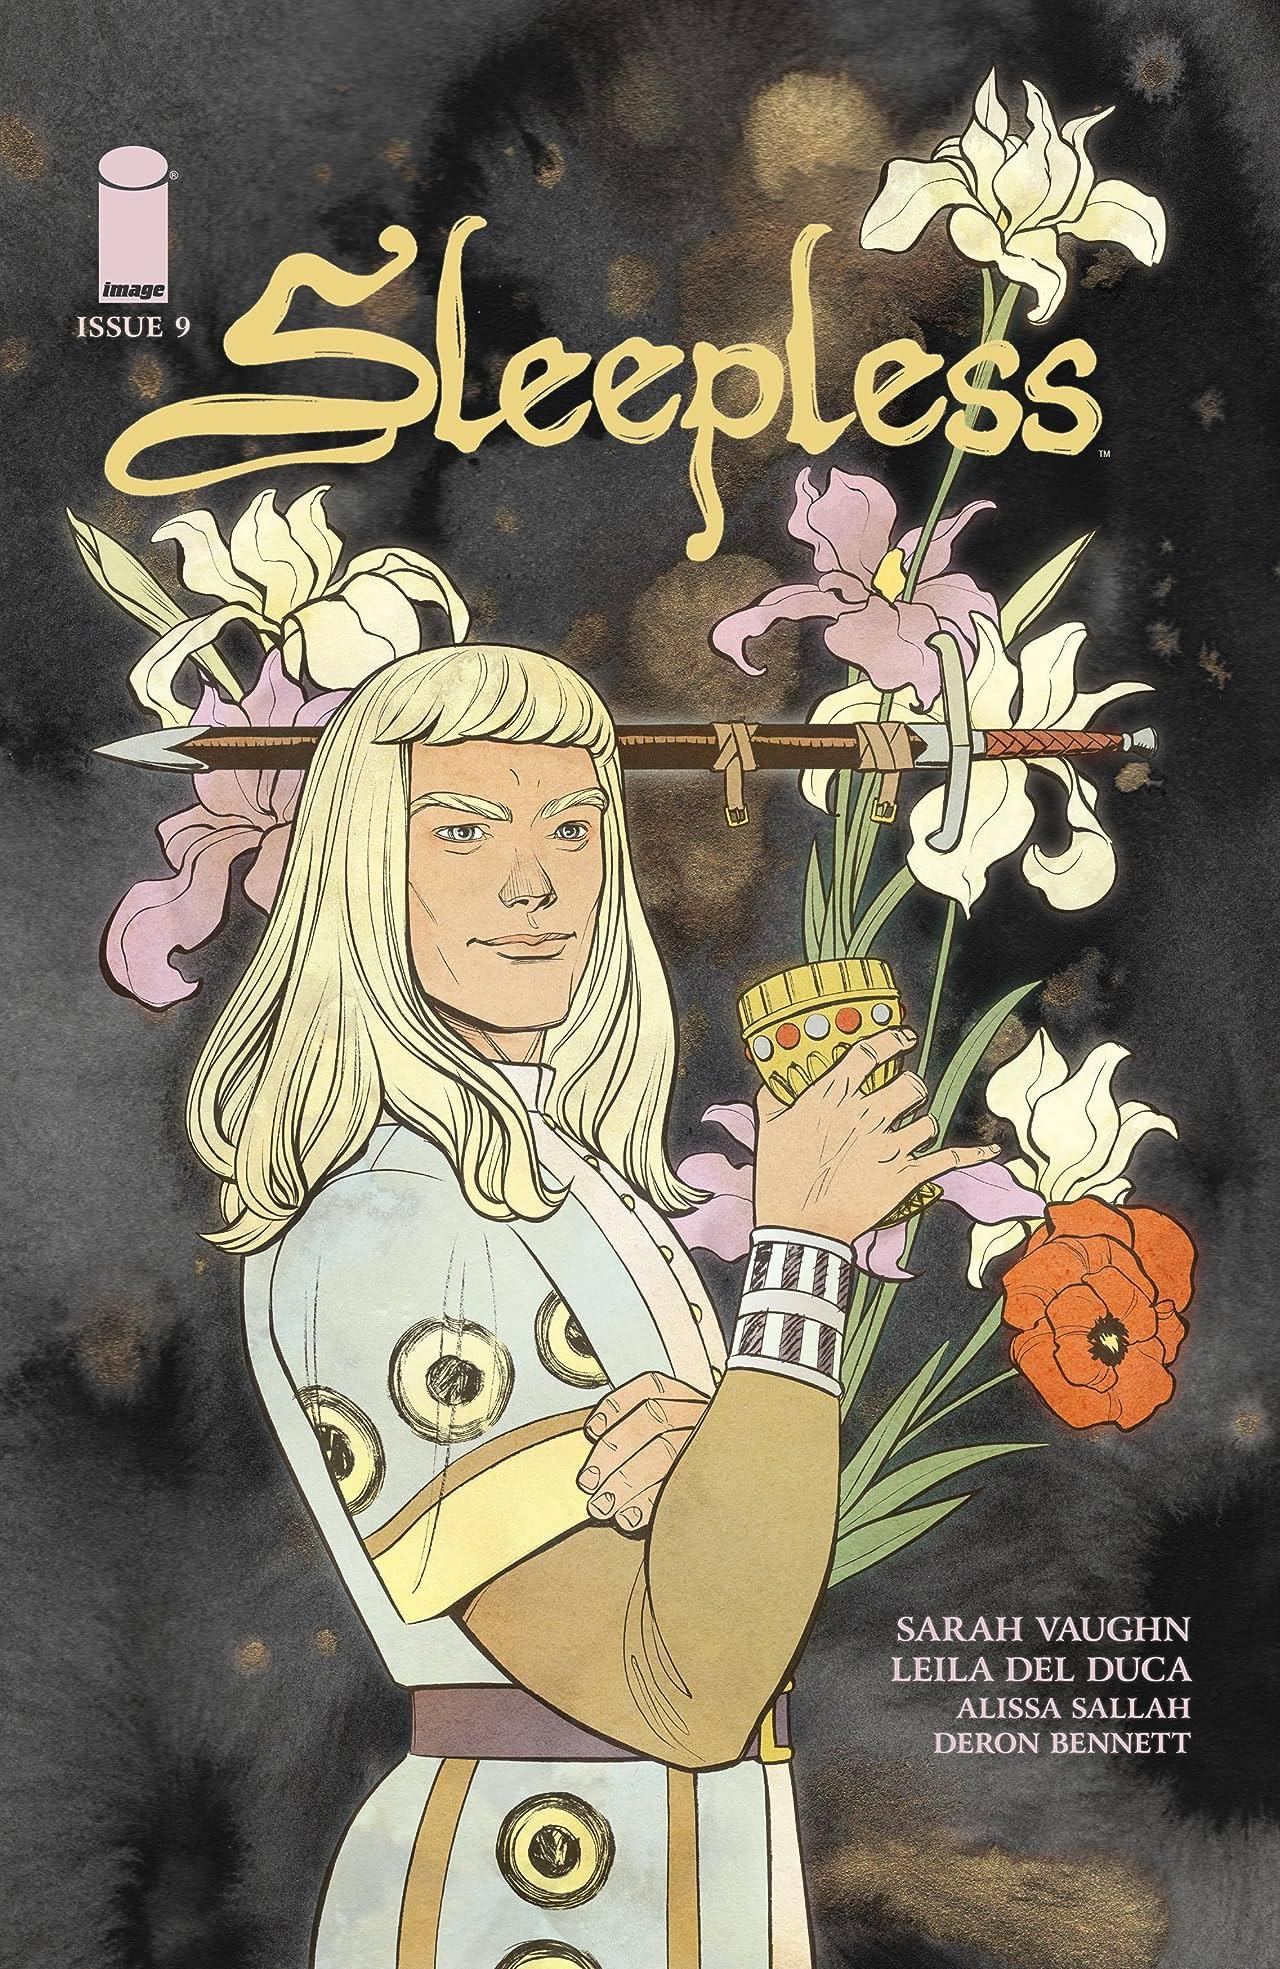 Sleepless #9